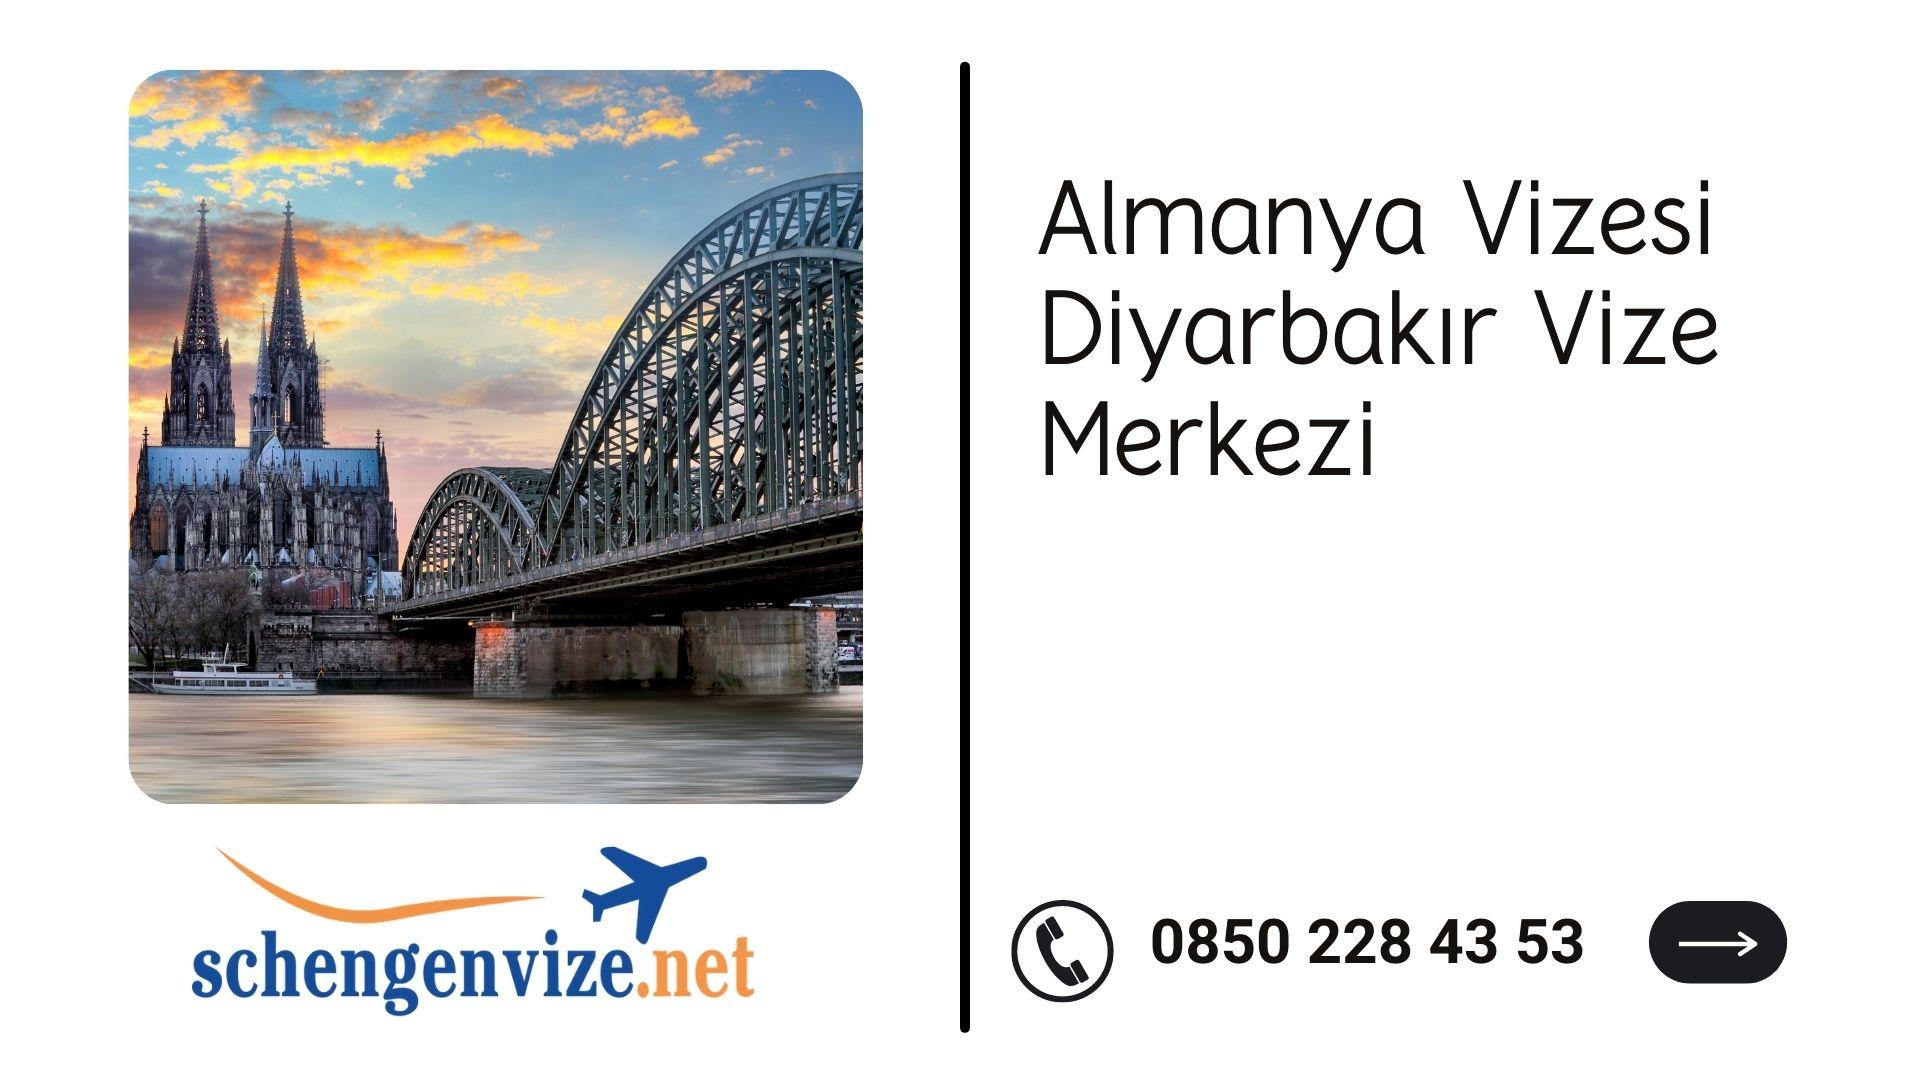 Almanya Vizesi Diyarbakır Vize Merkezi